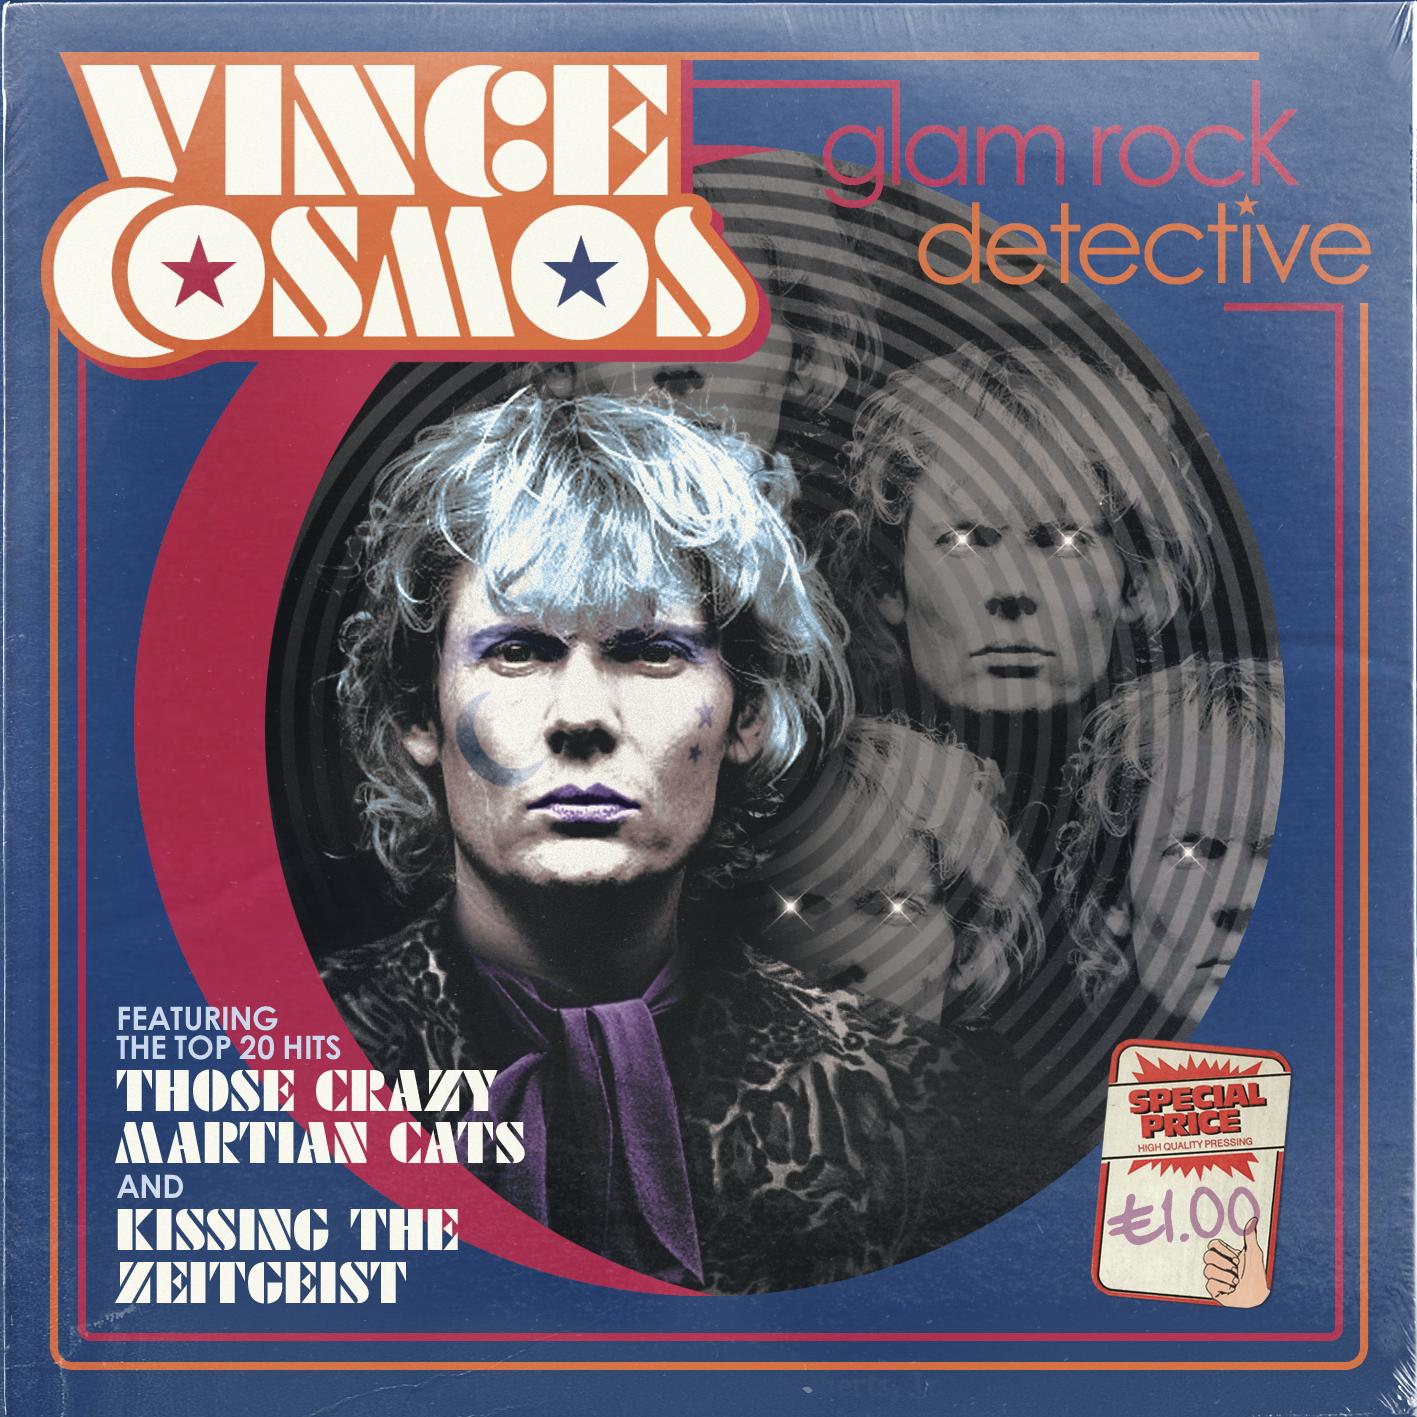 Винс Космос: Глэм-рок детектив